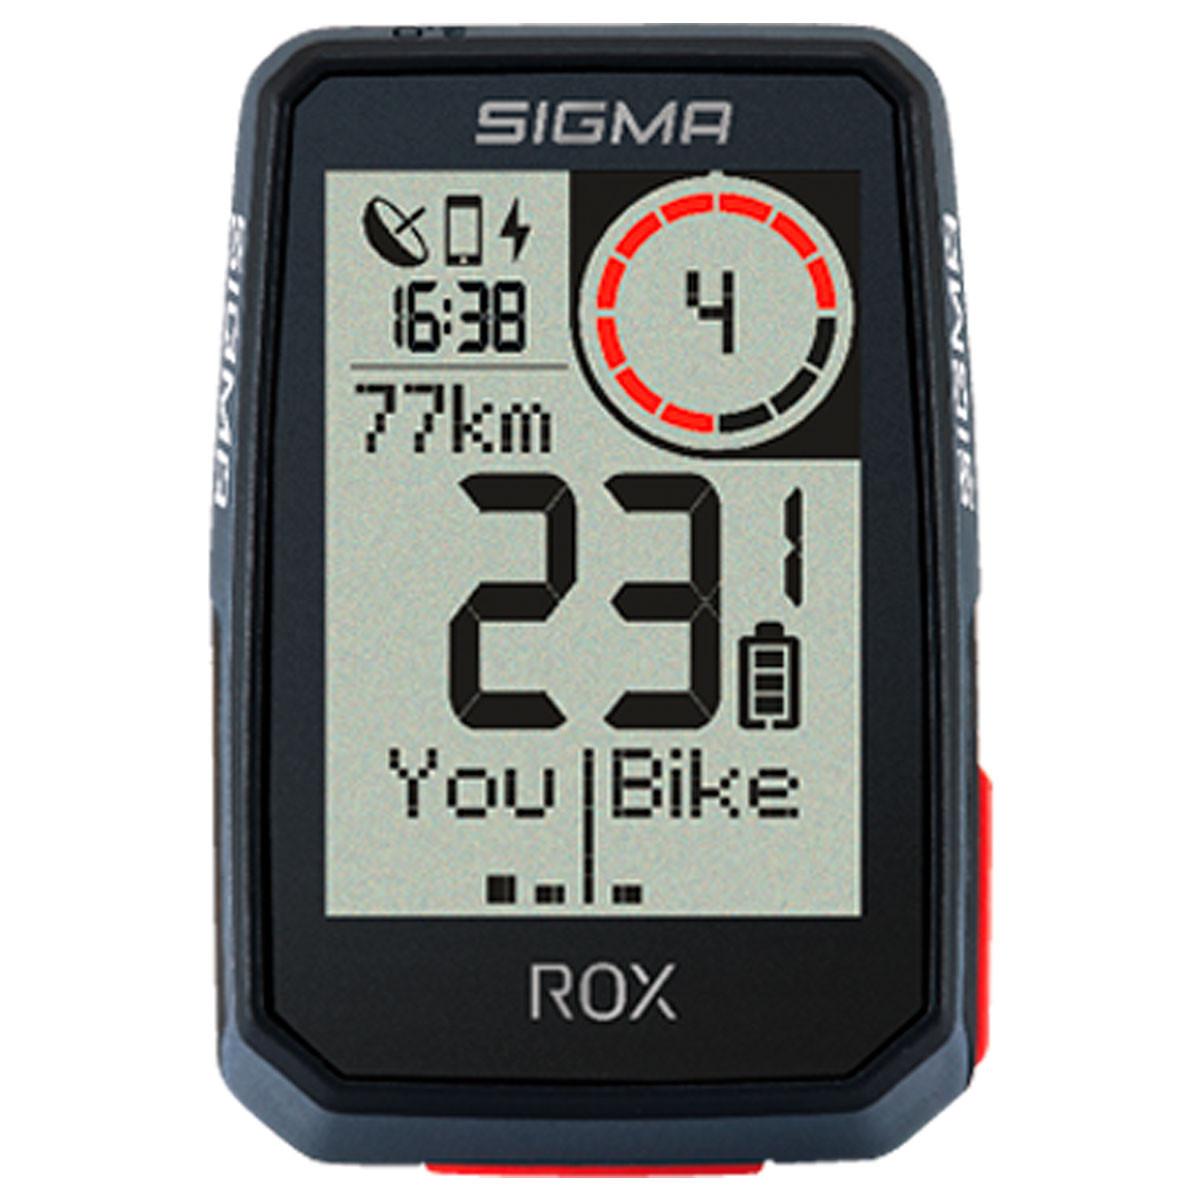 Polkupyörän mittari SIGMA, ROX 2.0 GPS, Musta